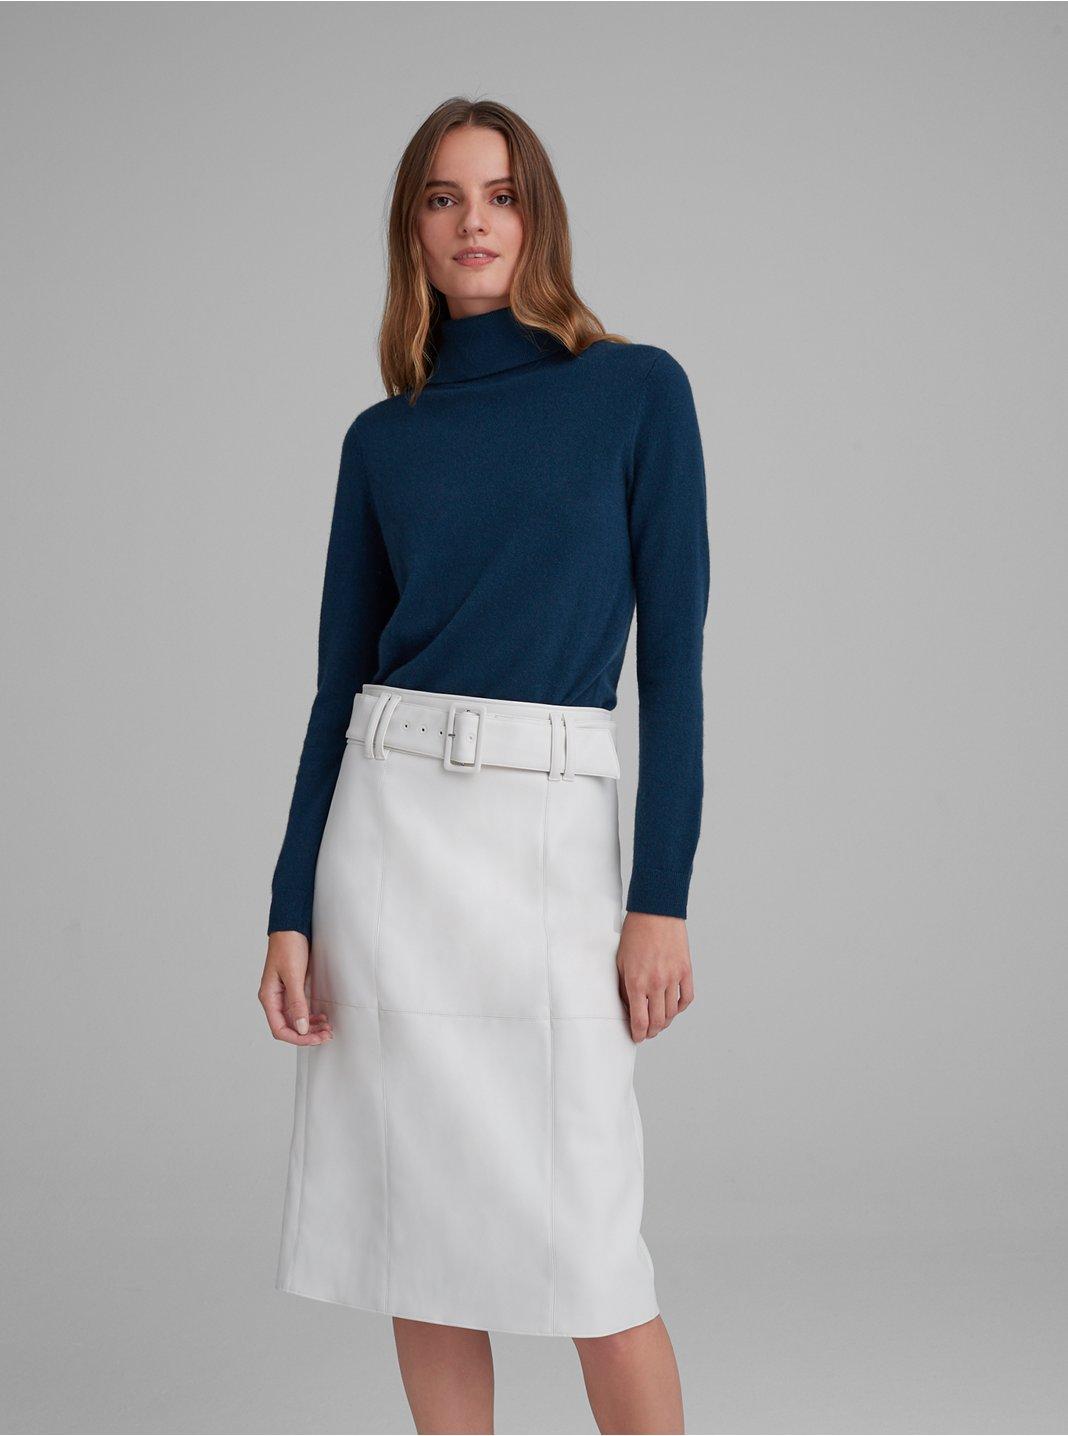 Gennadi Cashmere Turtleneck Sweater